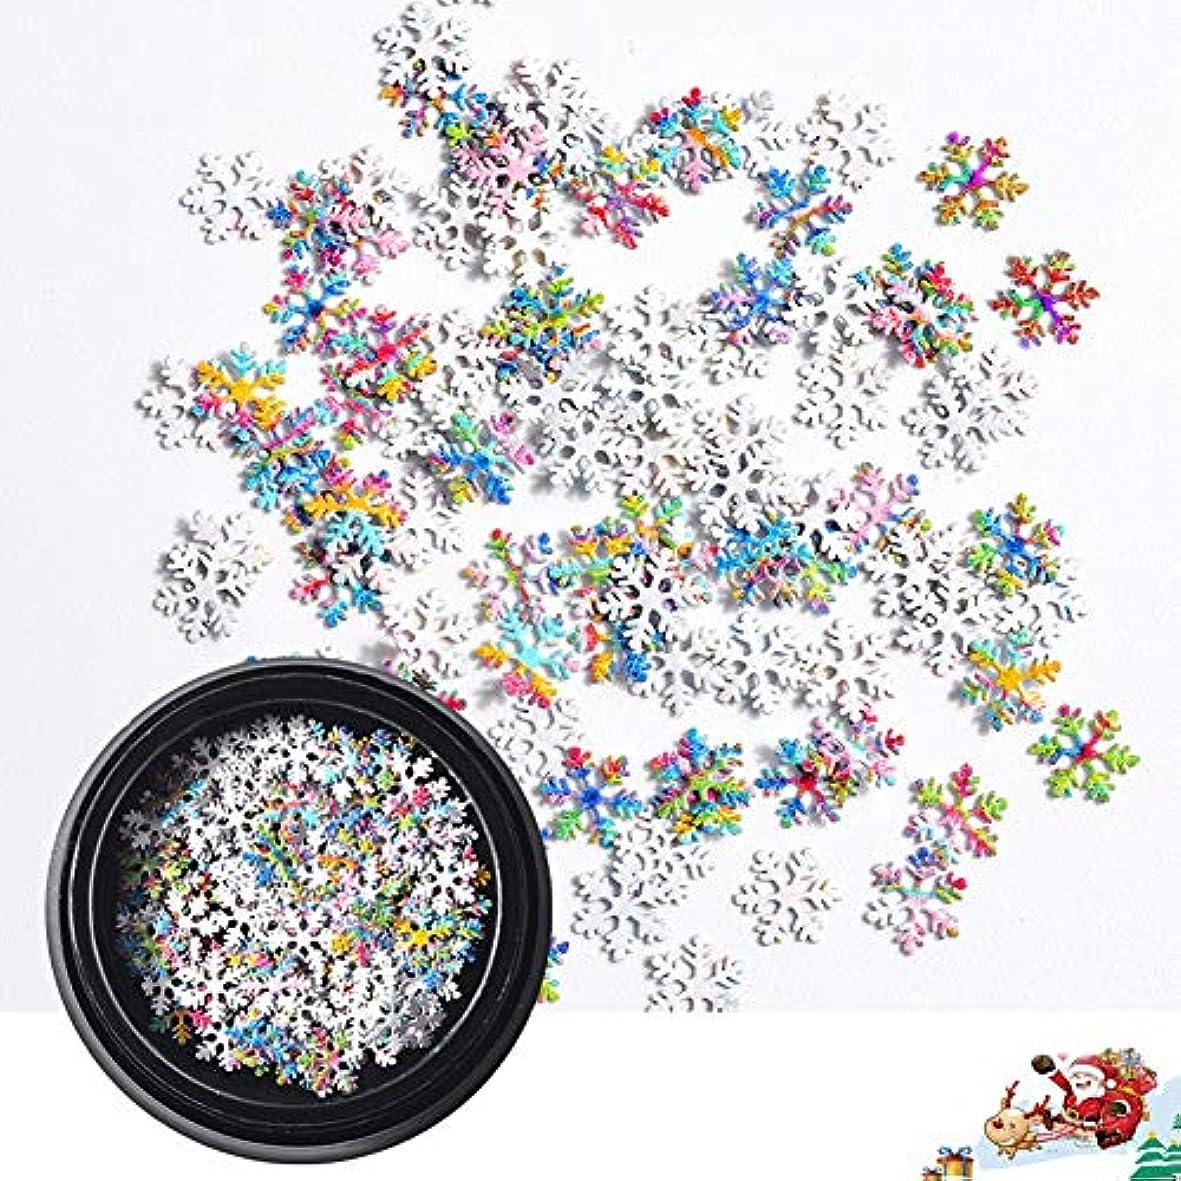 途方もない罰する表向きMurakush ネイルシール 15g ネイルアート アクセサリー カラフル スノーフレーク 極薄 スパンコール クリスマスス ノーフレークシリーズ DIY デカール